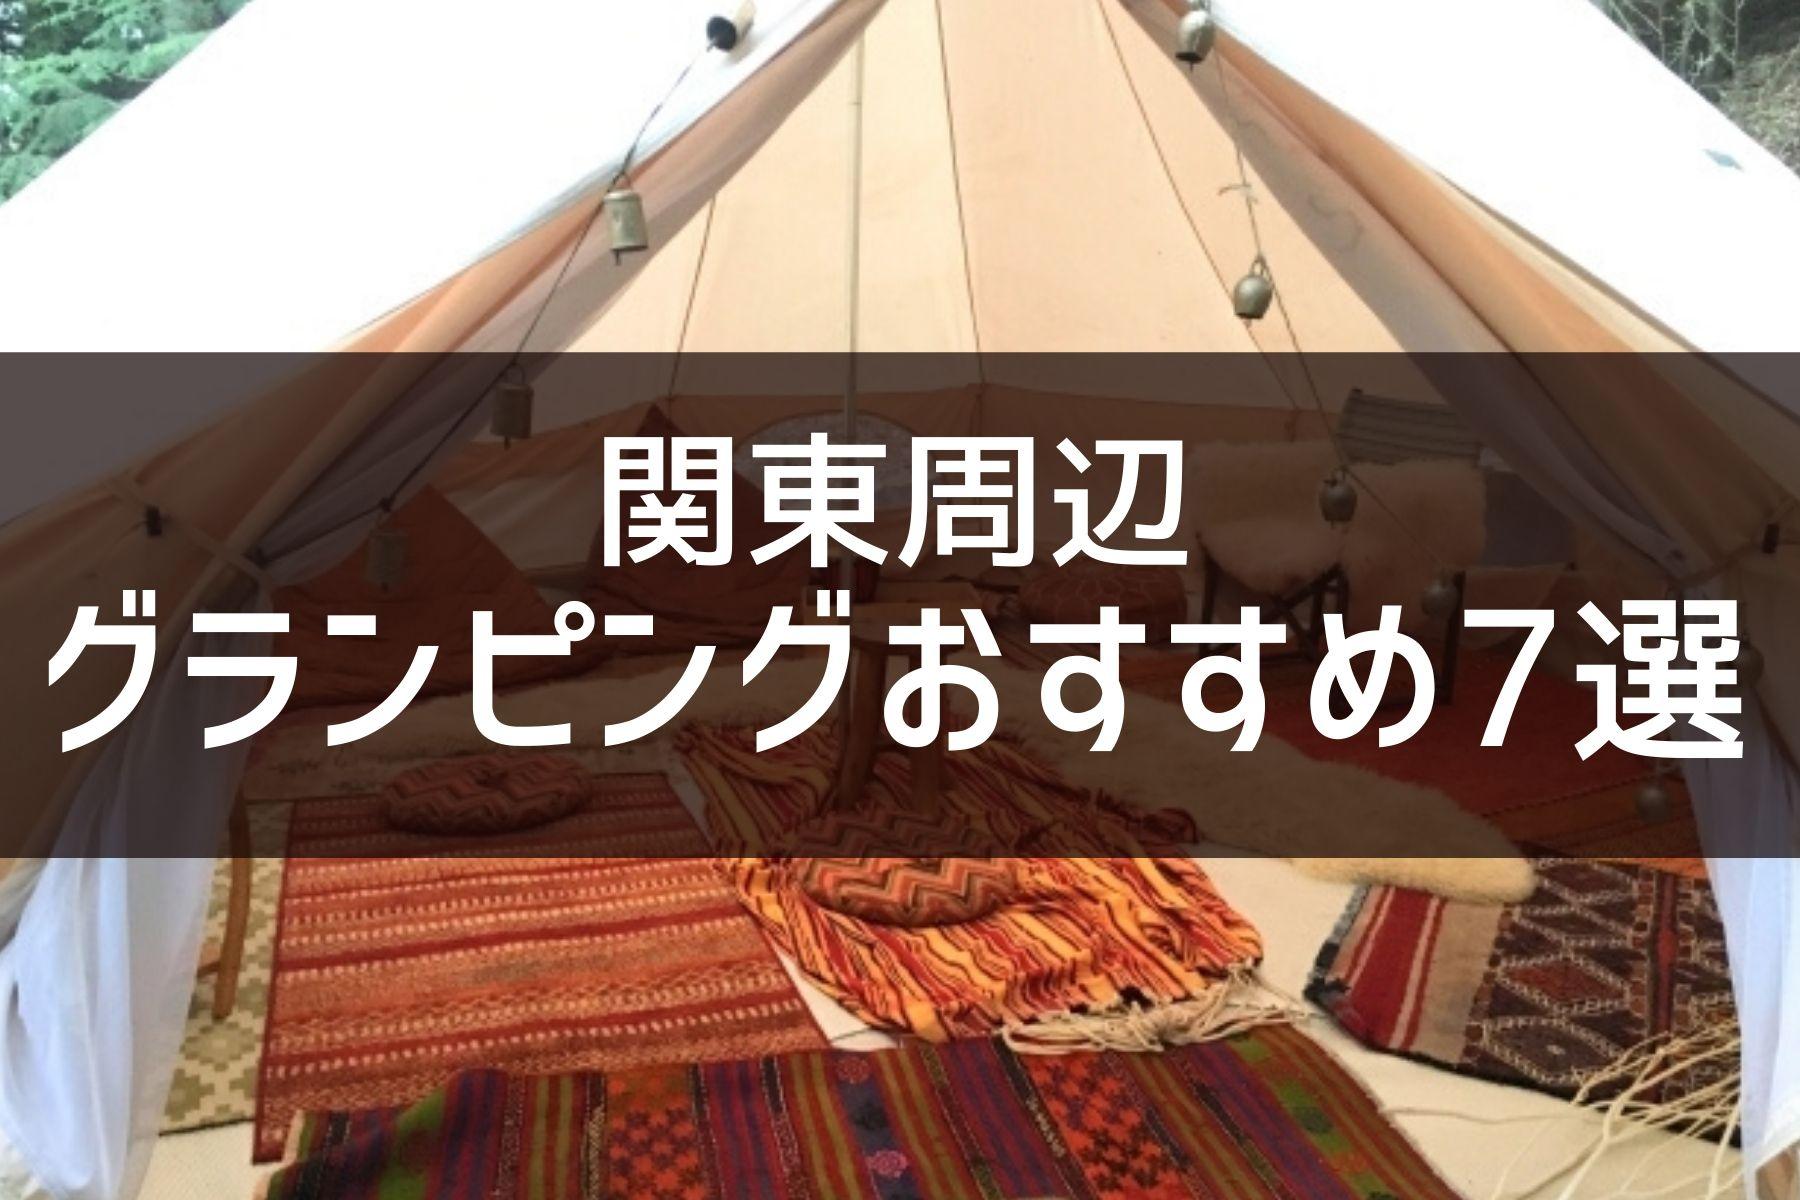 関東周辺でグランピングが楽しめるおすすめスポット7選